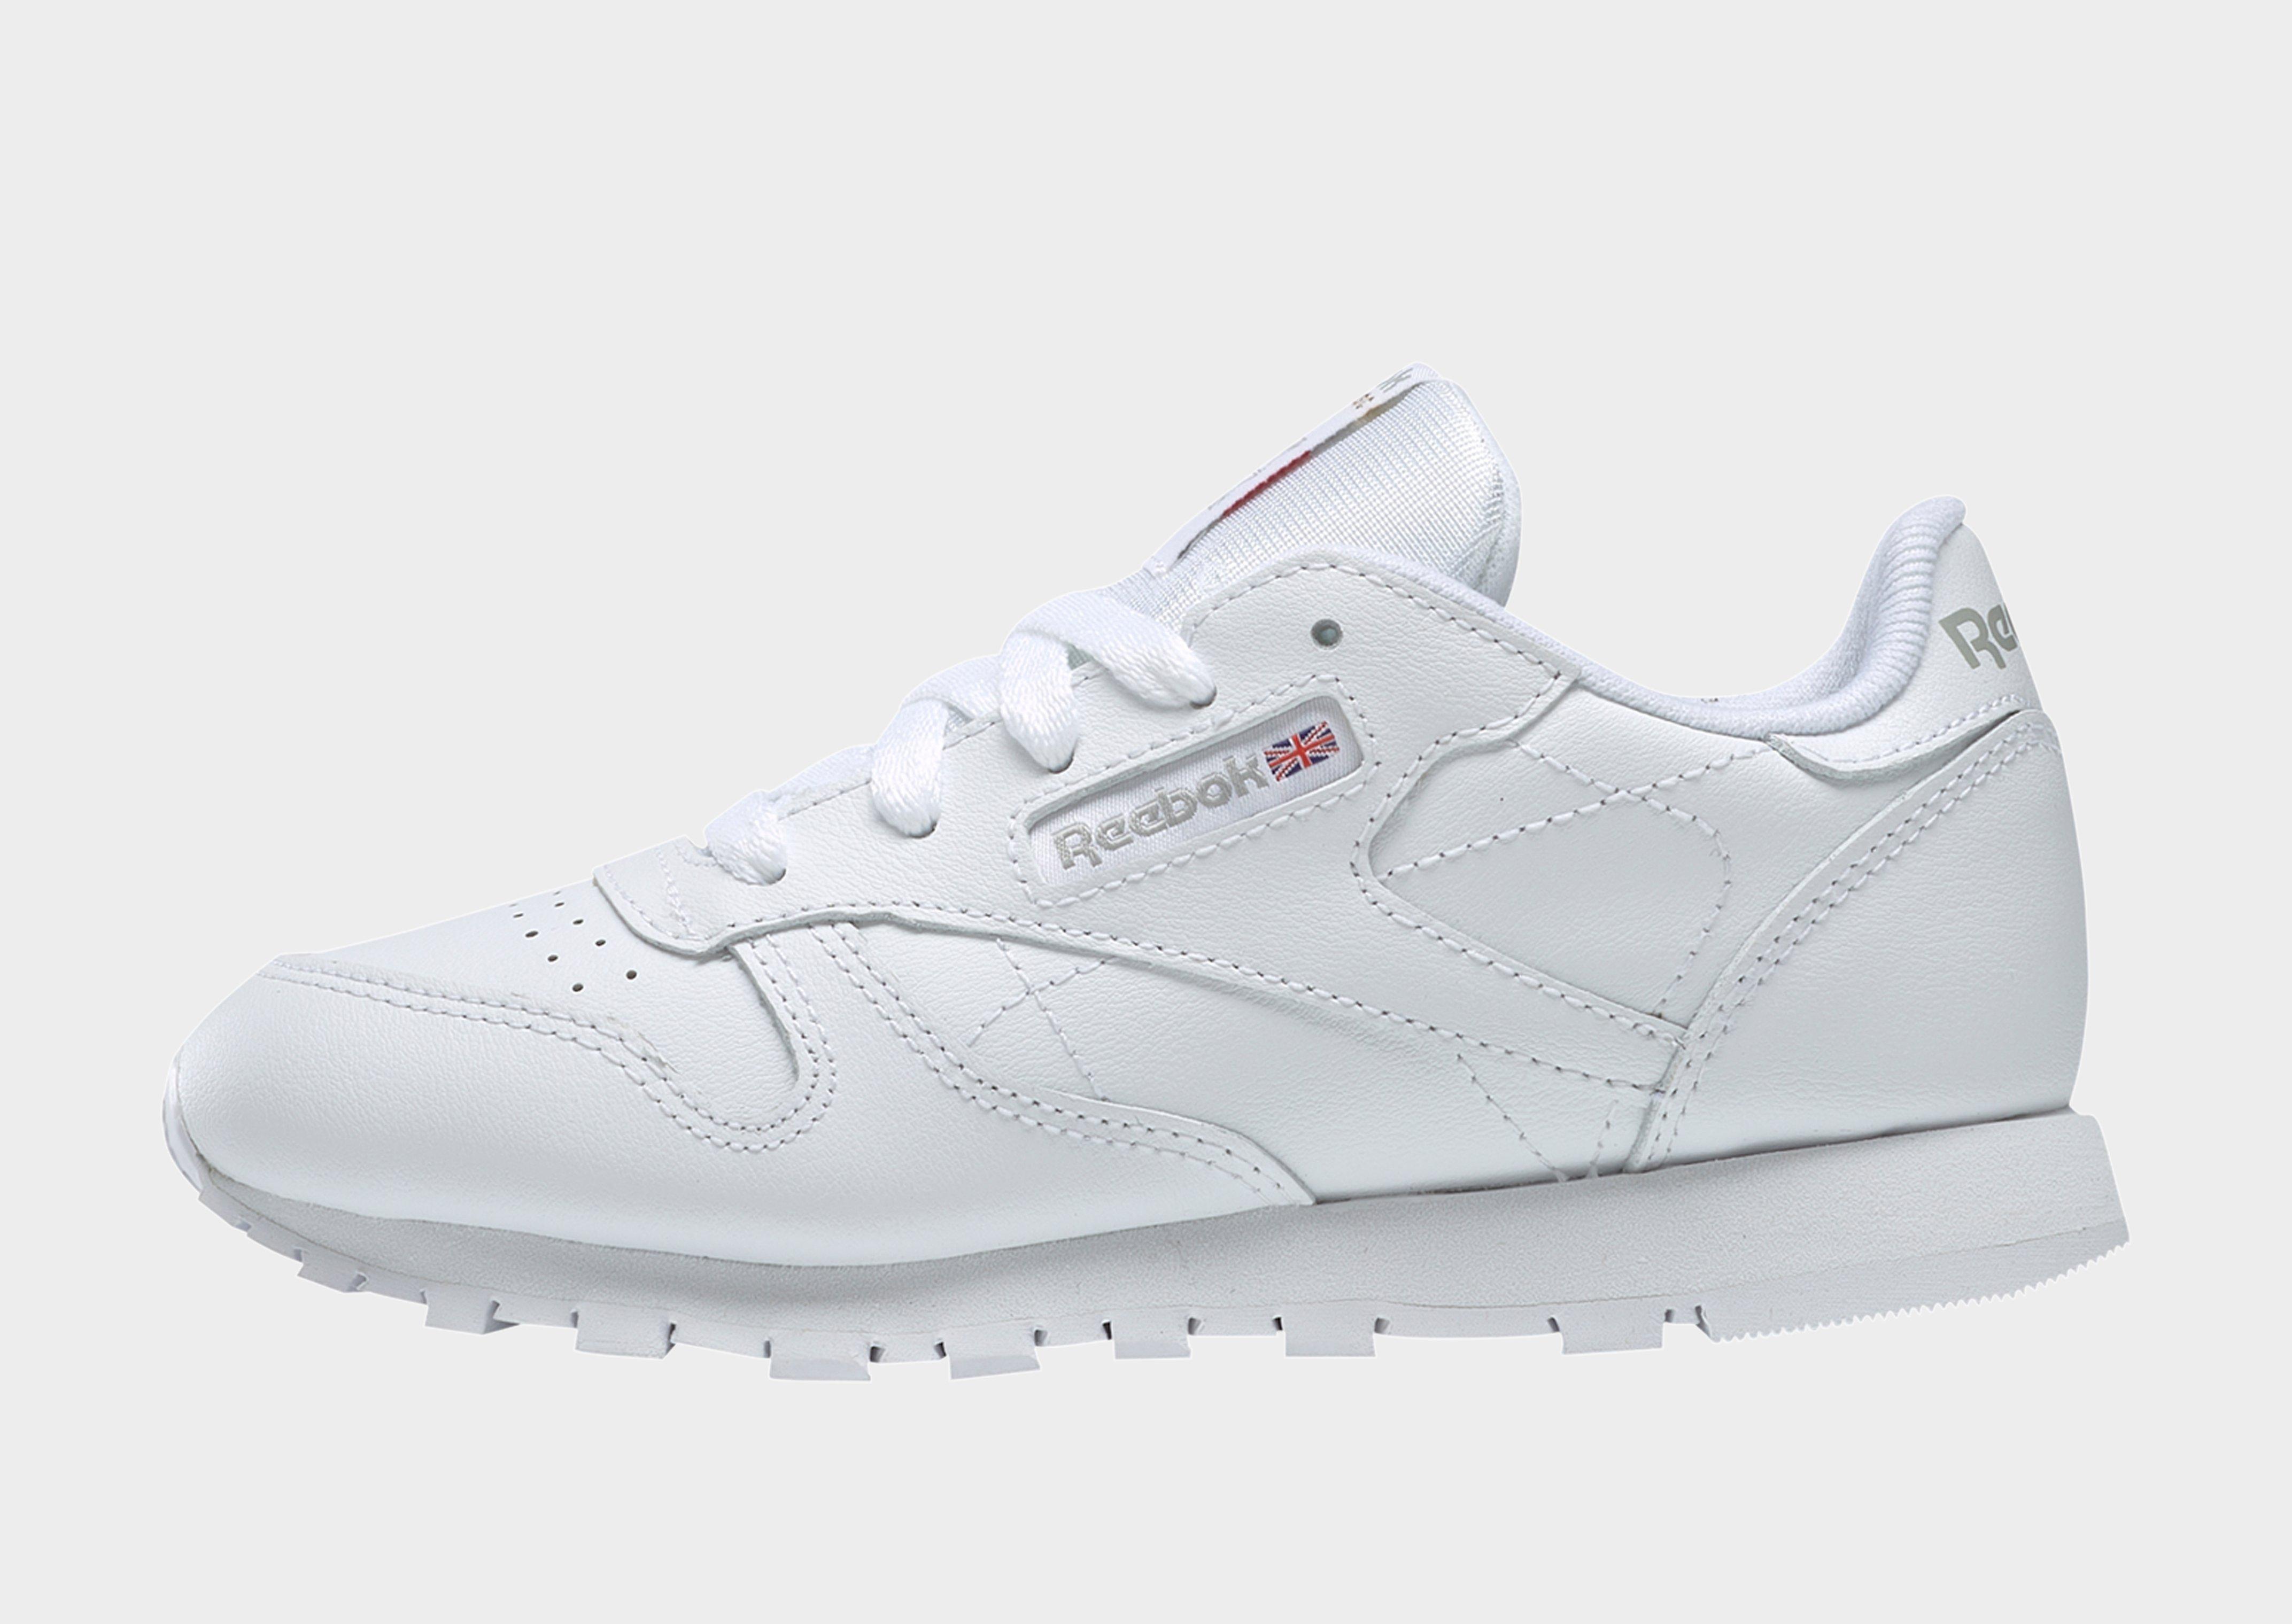 air max 97 noir et blanche femme Shop Clothing & Shoes Online